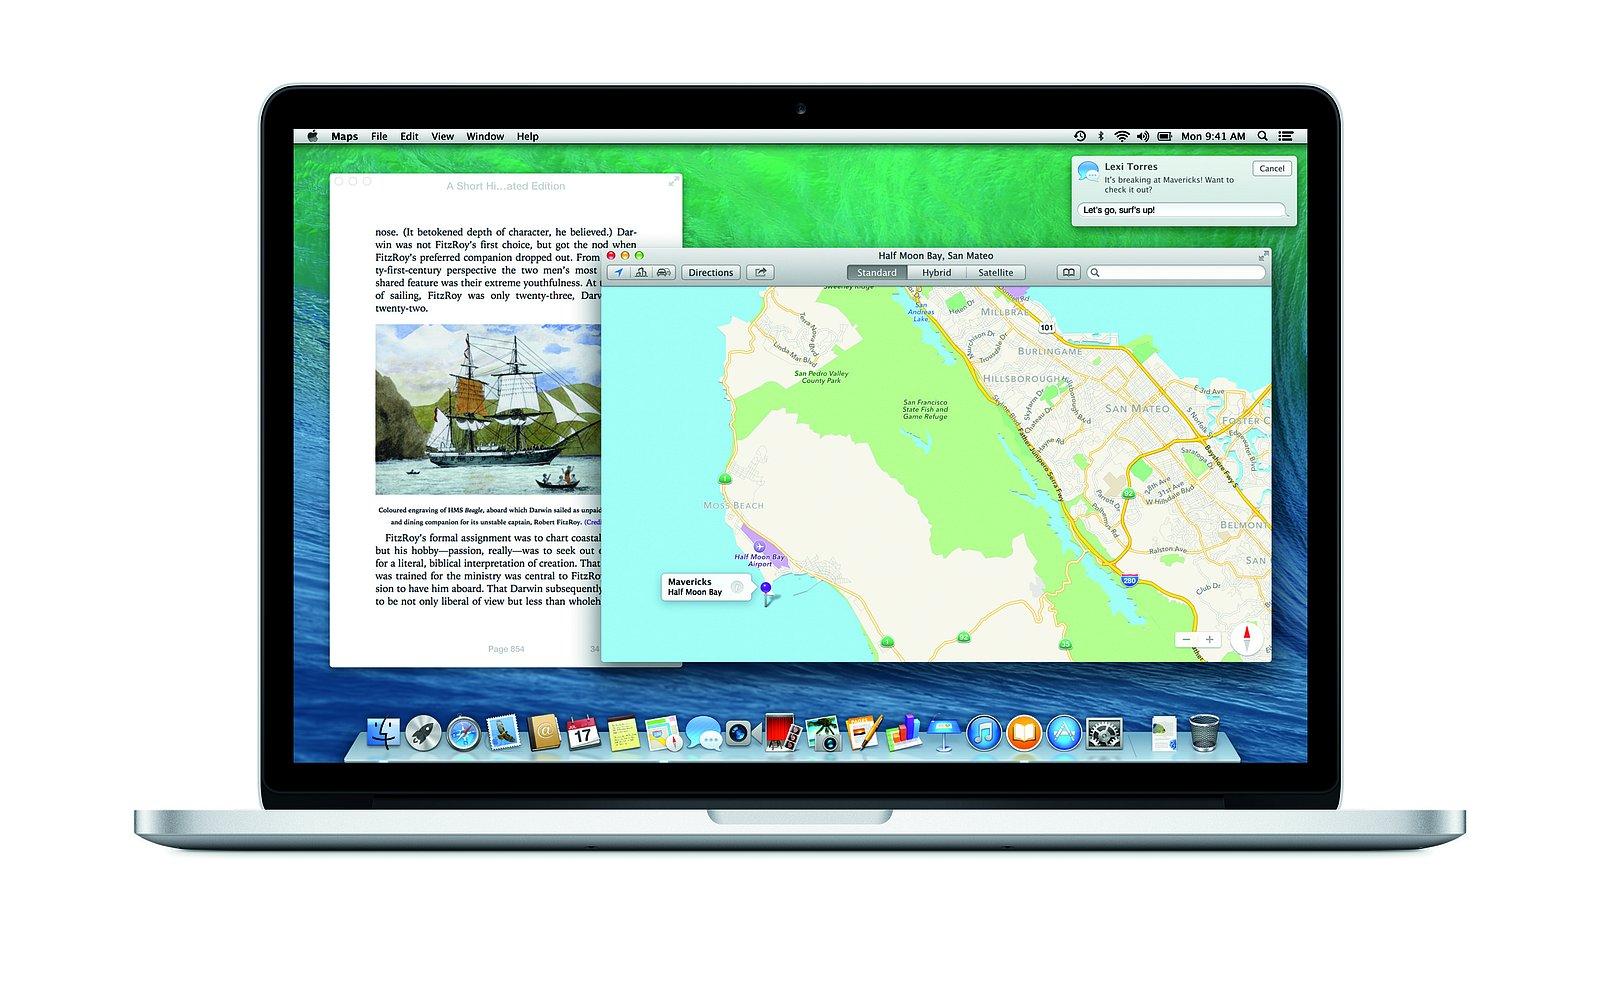 Nový OS X a produkty společnosti Apple